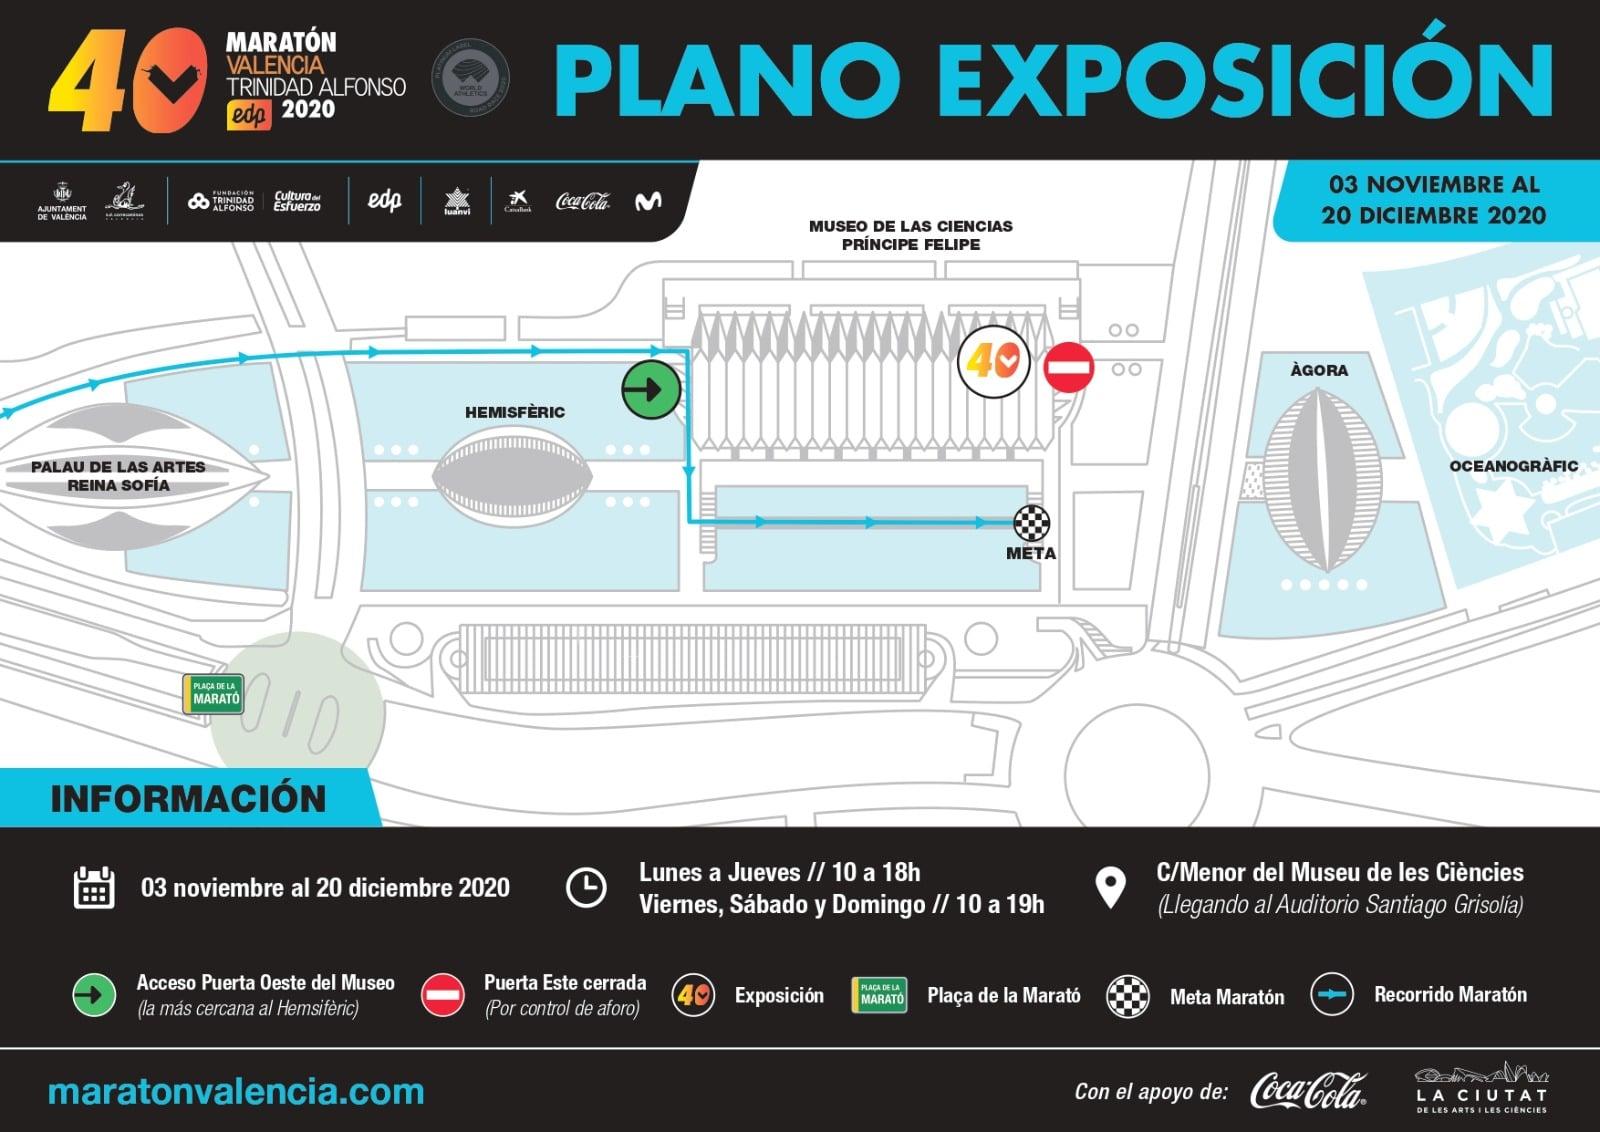 Plano exposición Maratón Valencia